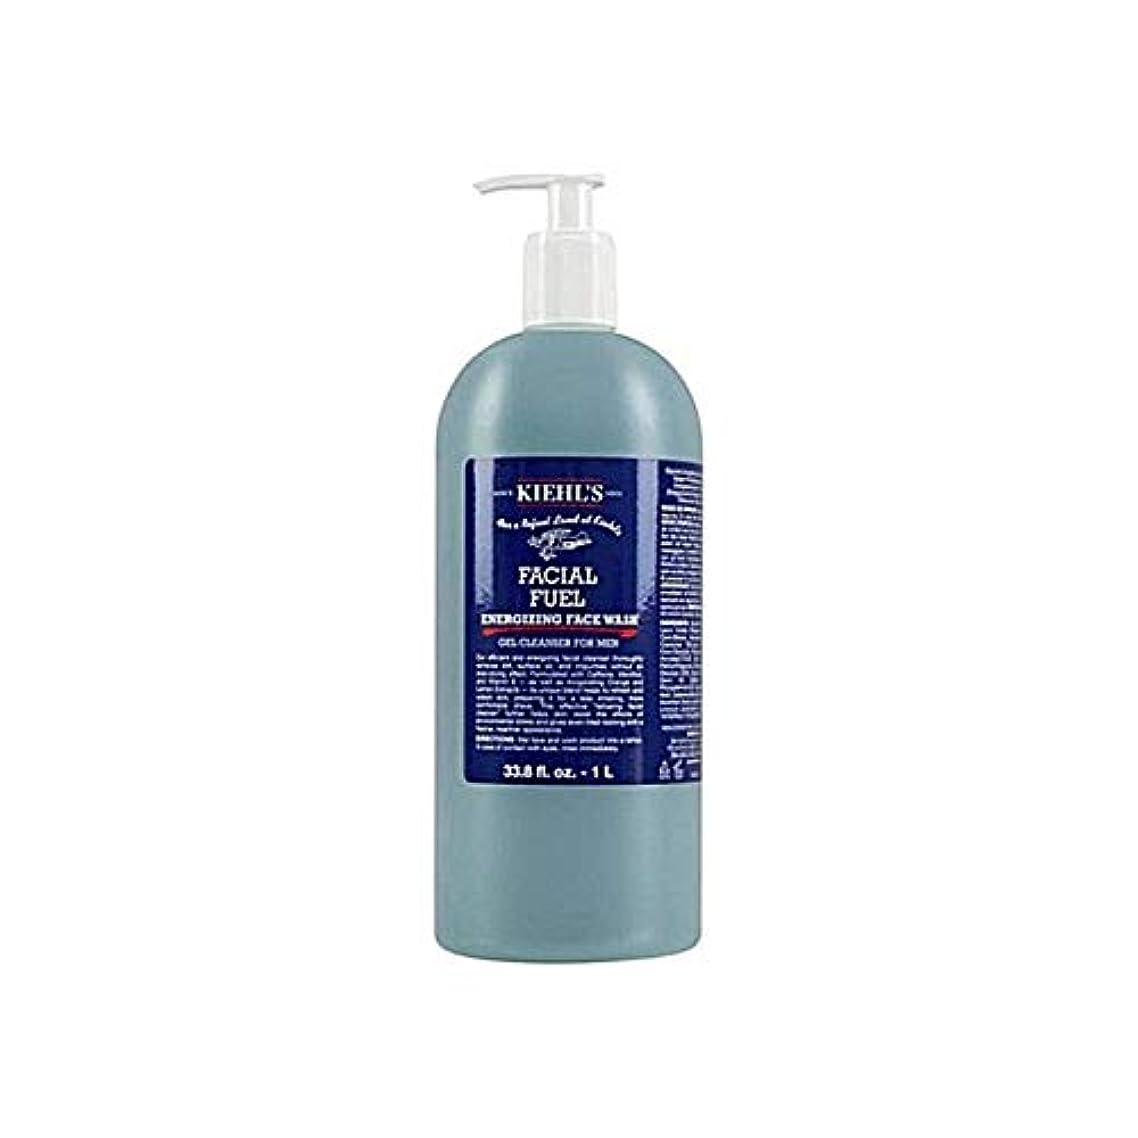 爆発カウンターパートドナー[Kiehl's] キールズフェイシャル燃料通電洗顔1リットル - Kiehl's Facial Fuel Energising Face Wash 1 Litre [並行輸入品]